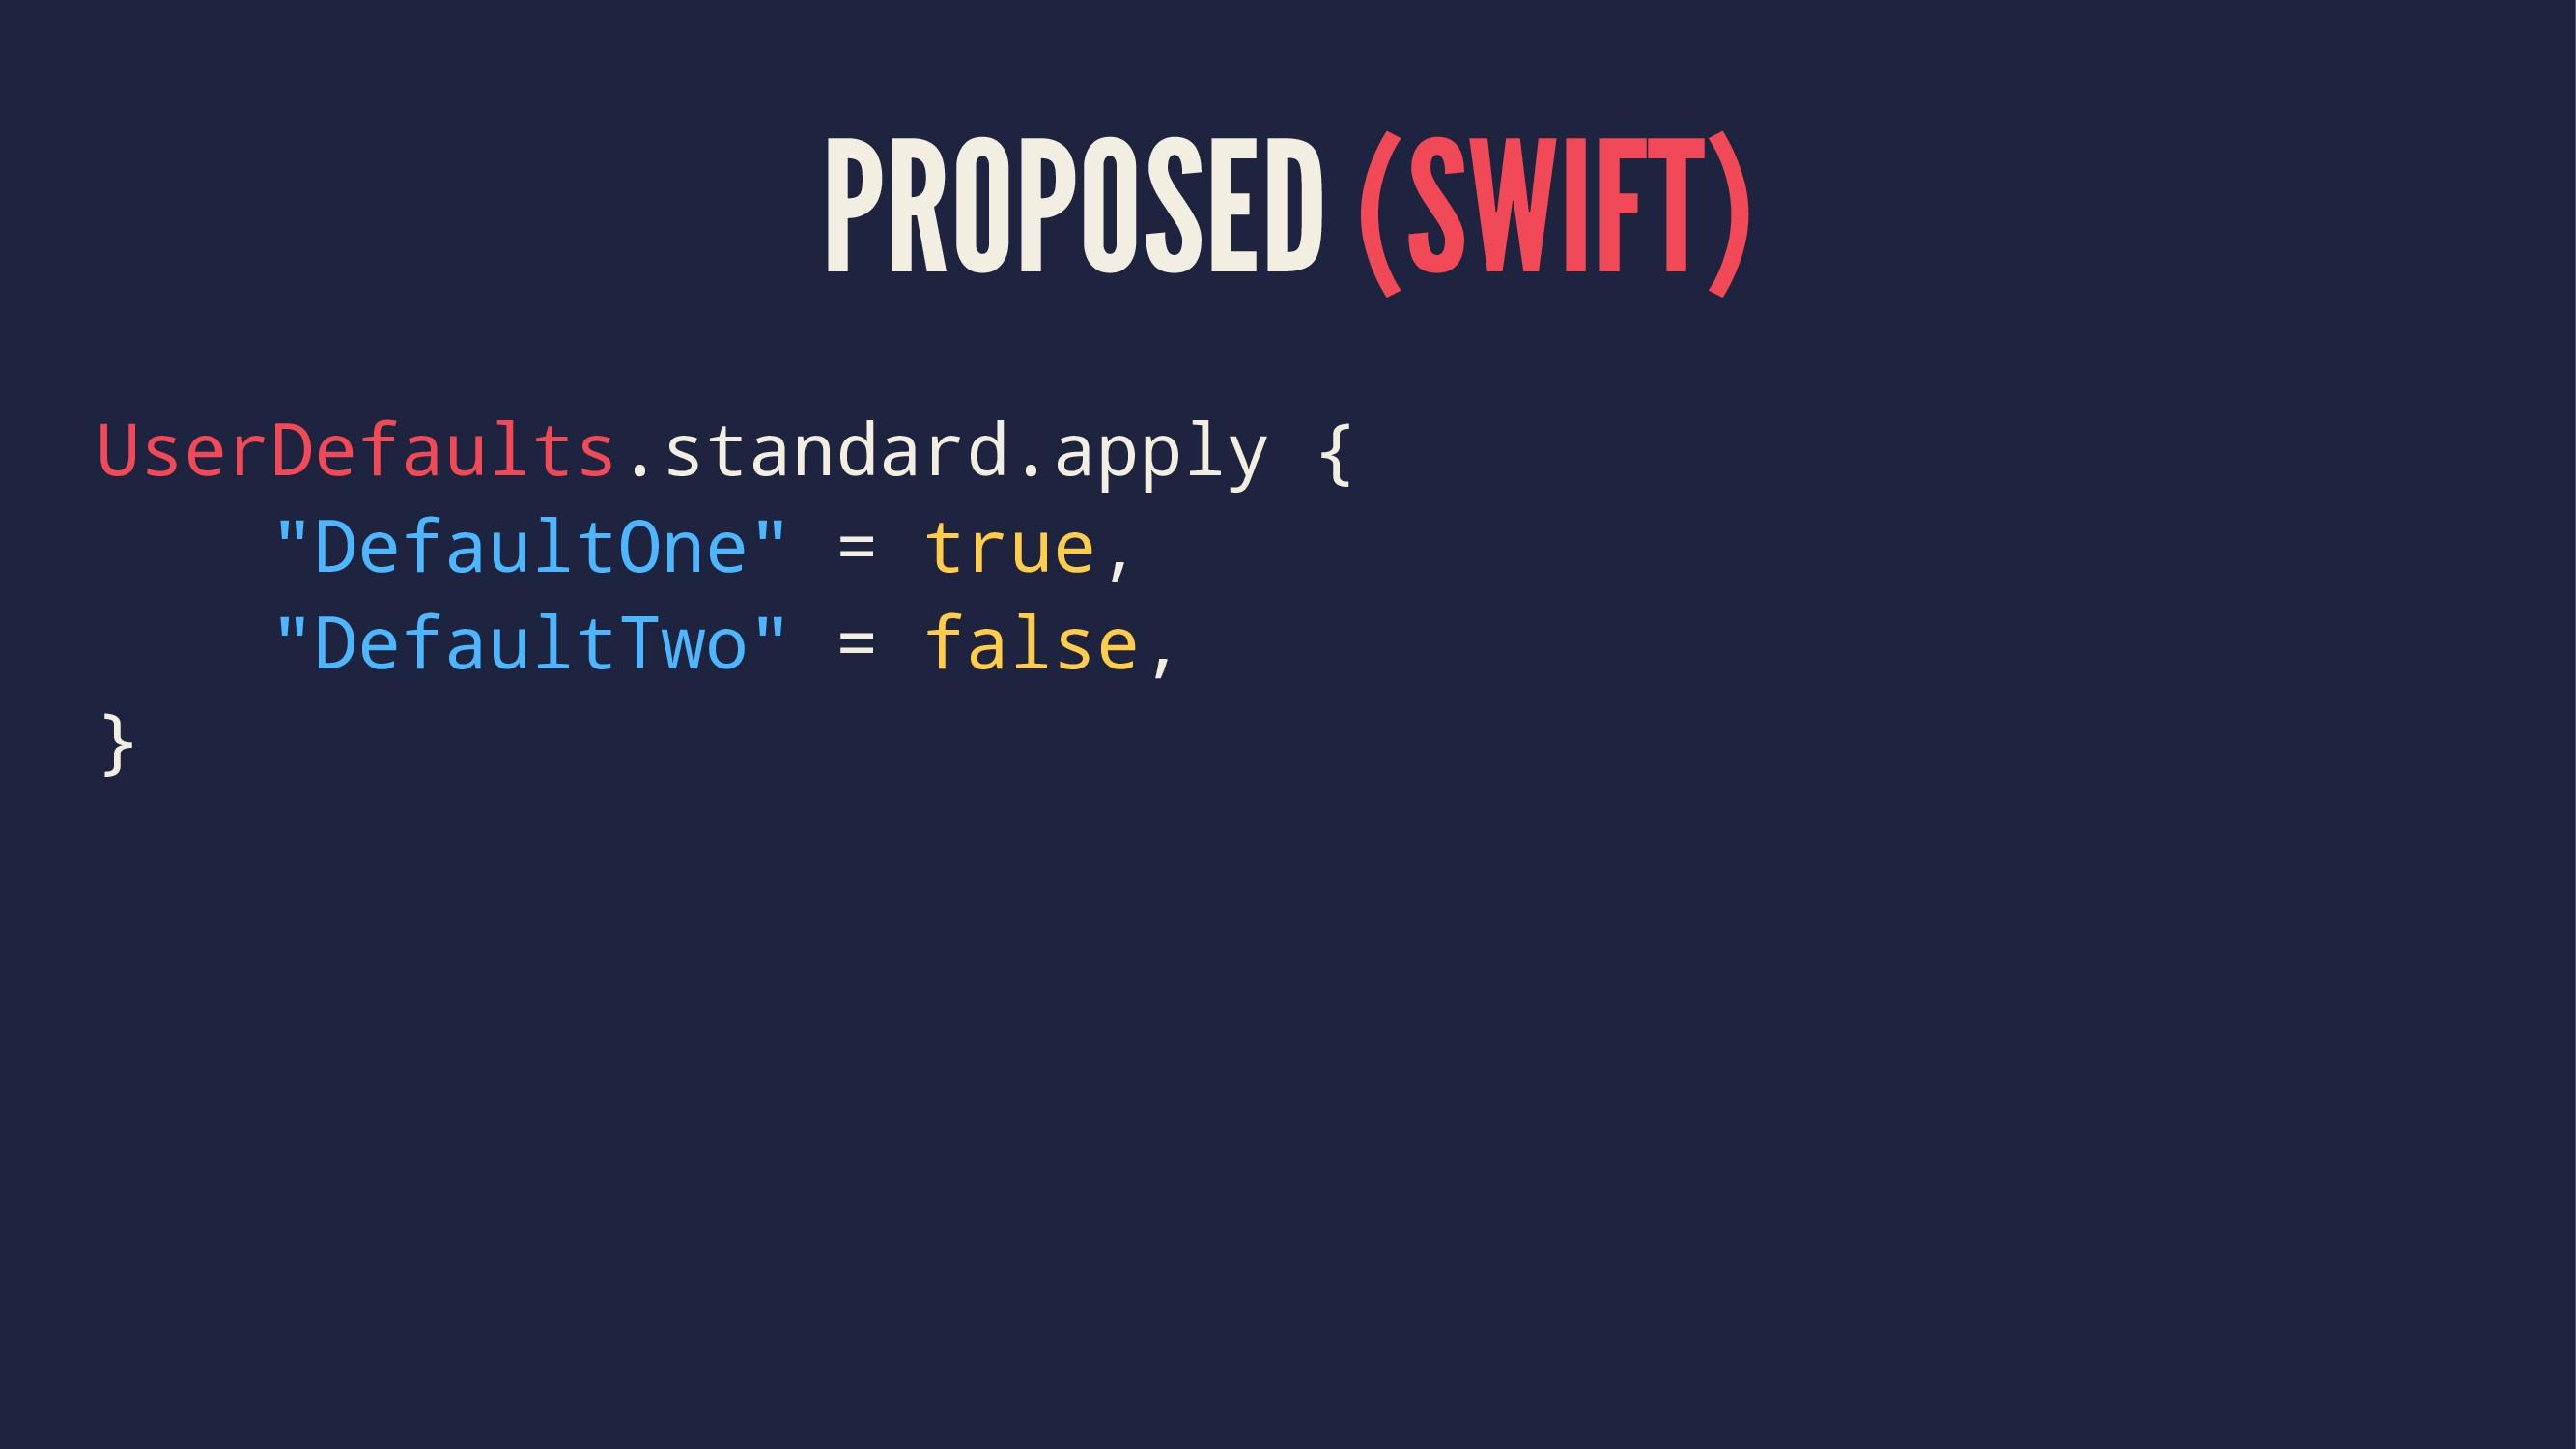 PROPOSED (SWIFT) UserDefaults.standard.apply { ...